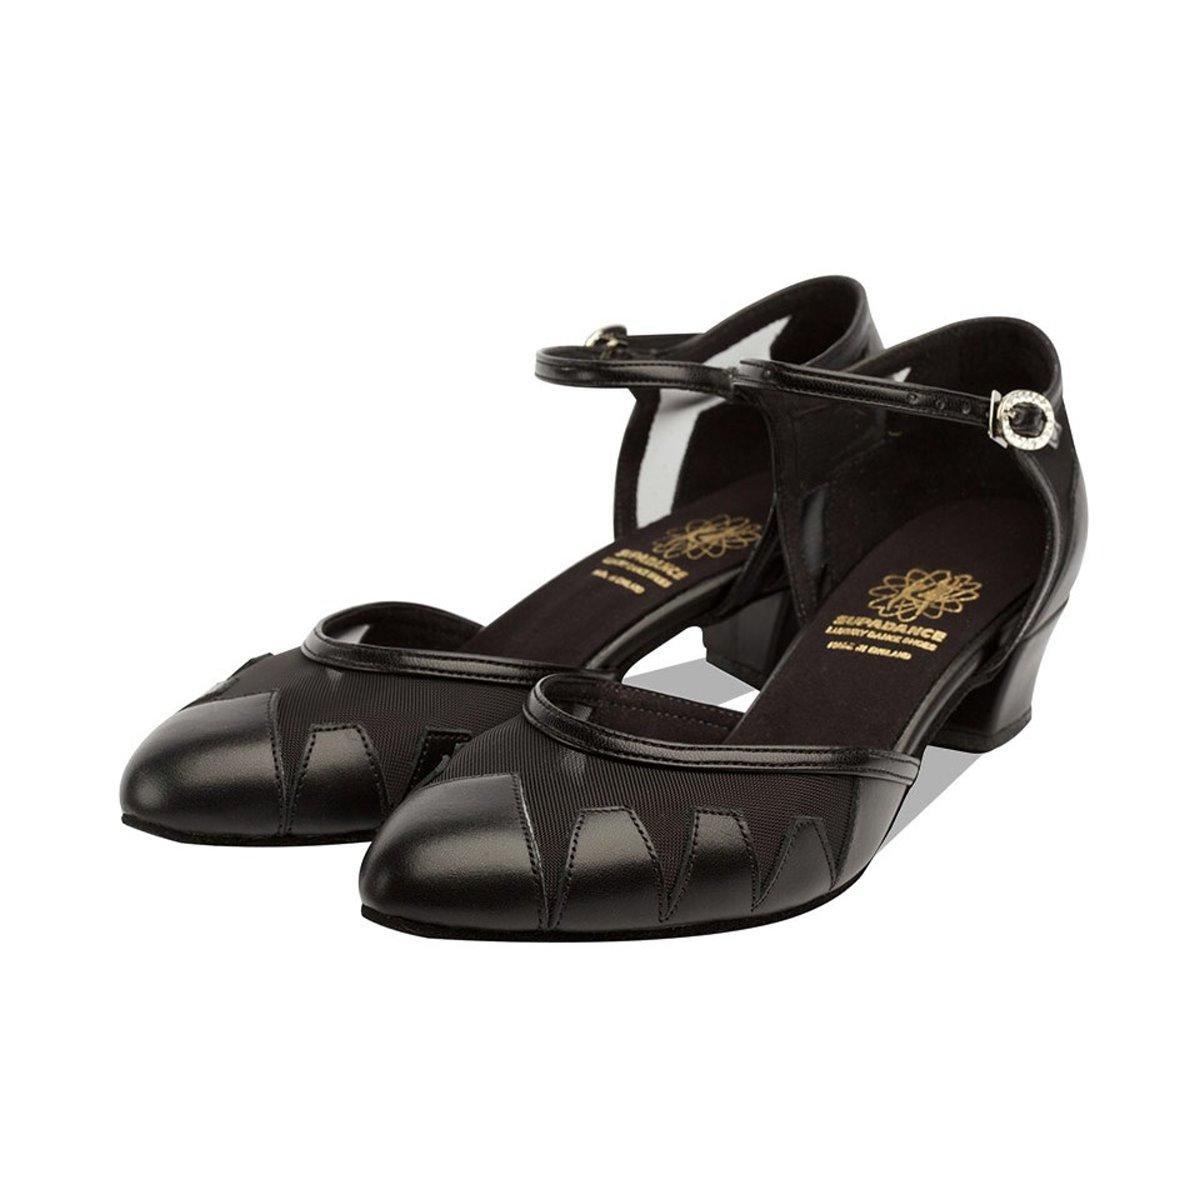 33a26ce5d Supadance - Ladies Dance Shoes 1040 - Black Leather/Mesh